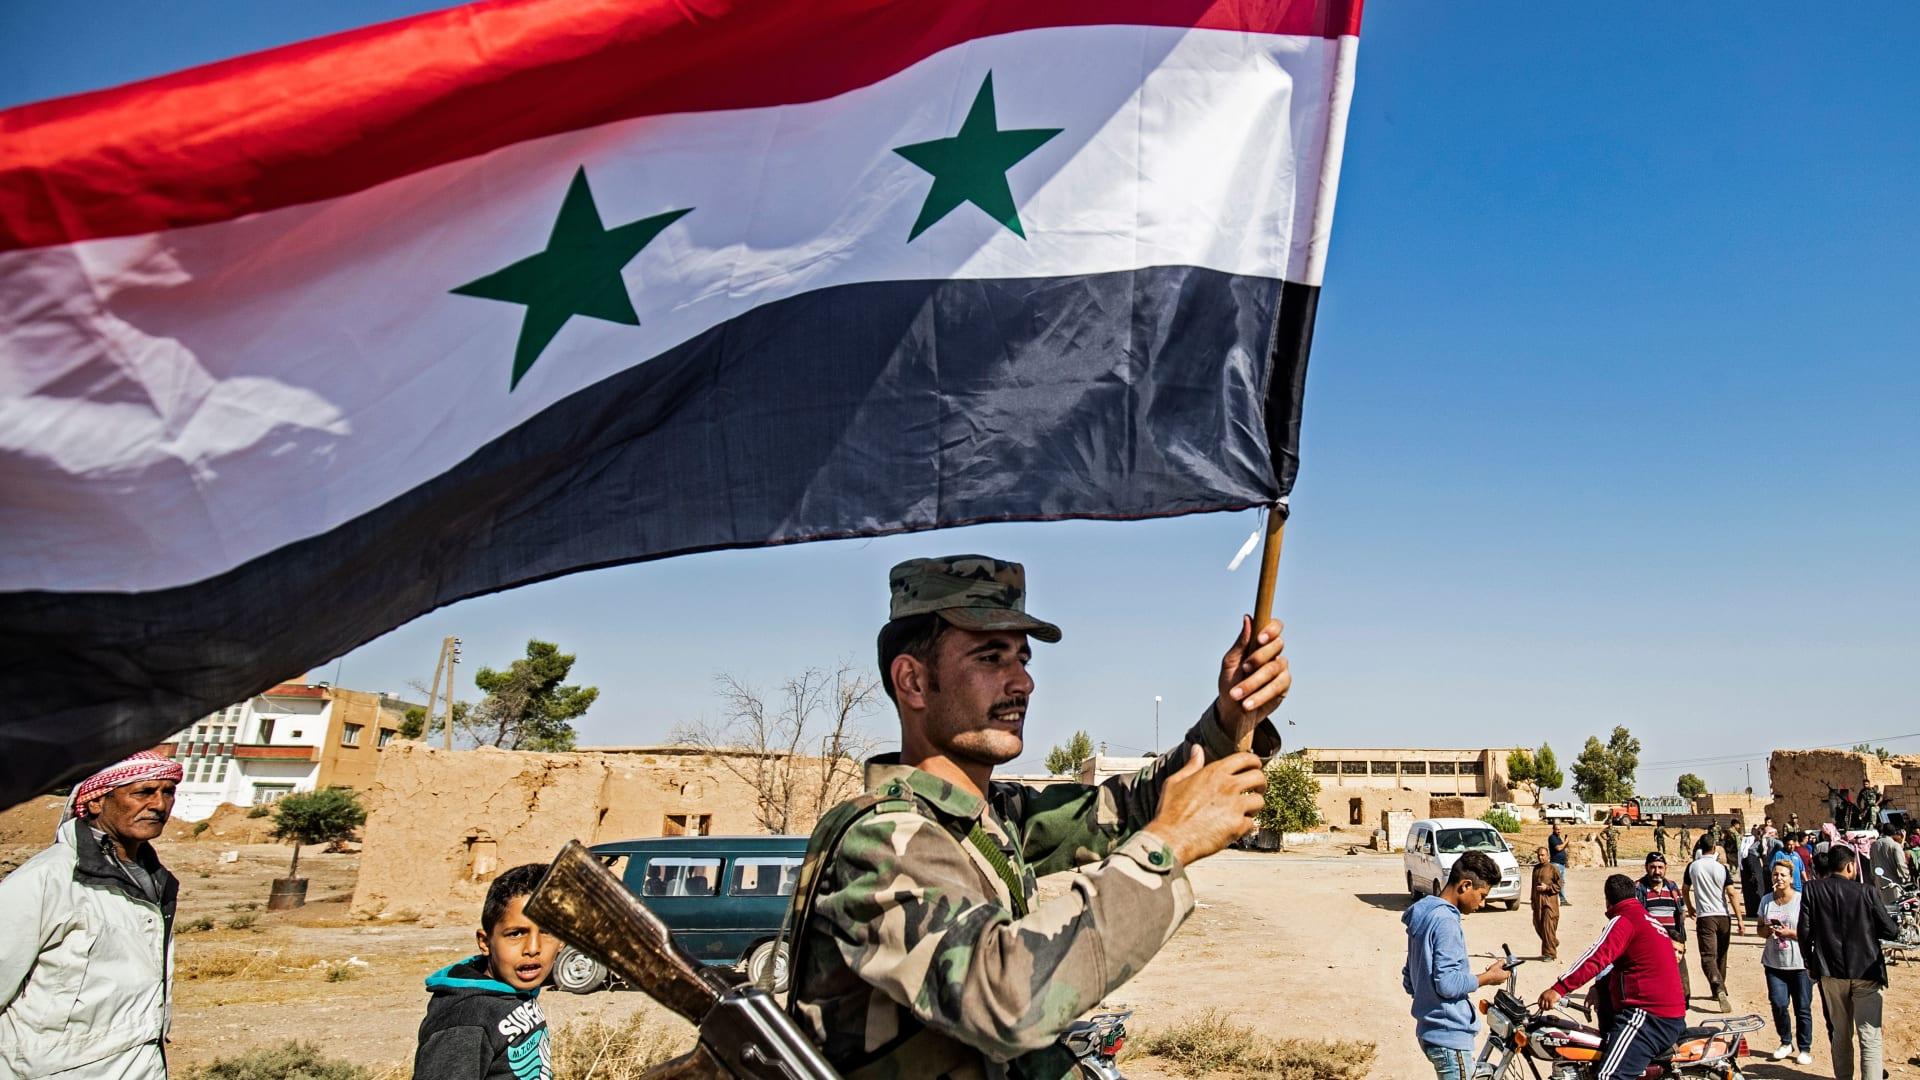 سانا: احتفالات بعد قرار الجيش السوري بمواجهة العدوان التركي